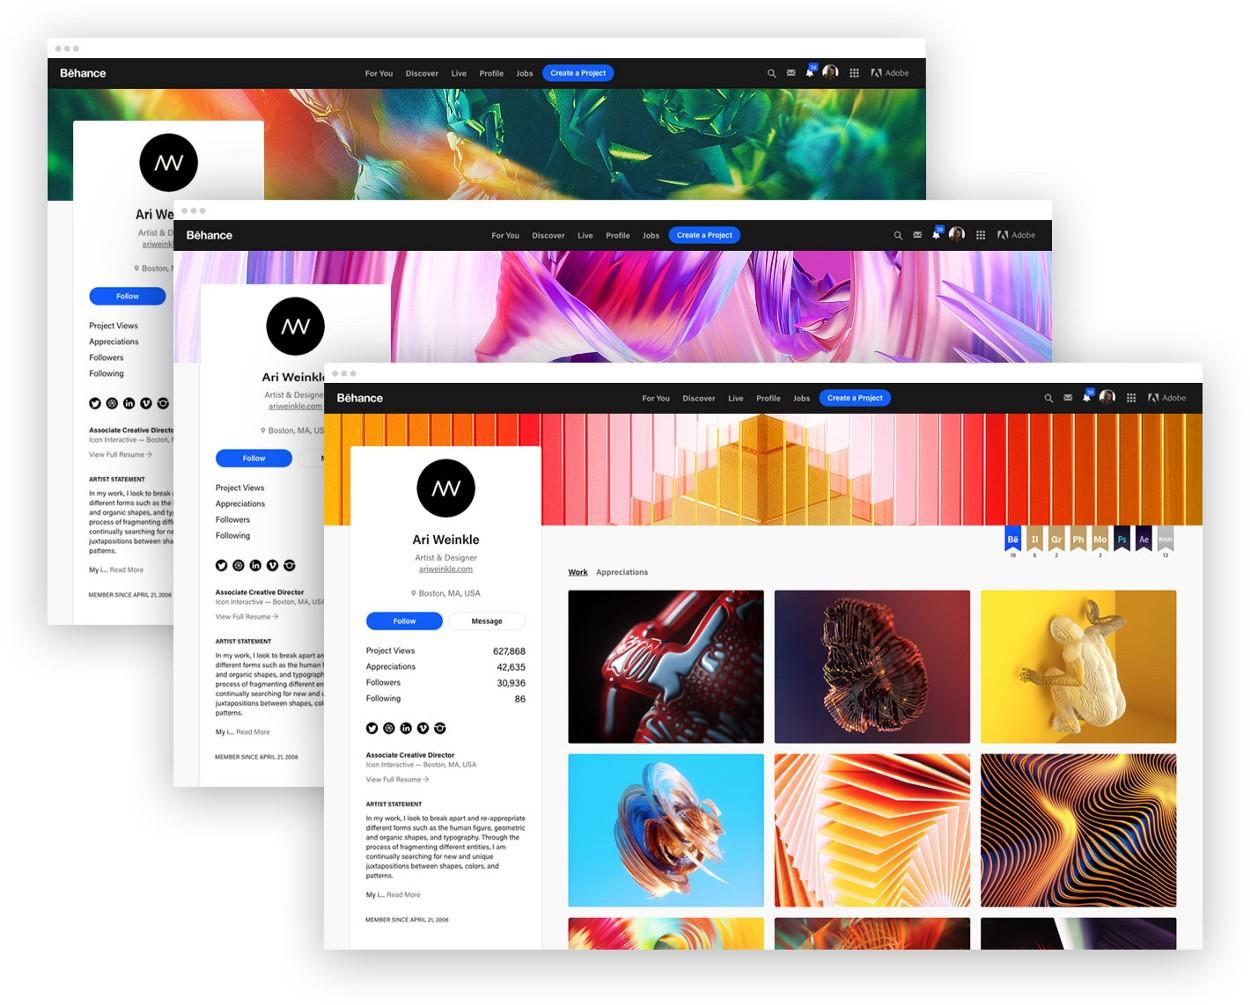 Раптом ви пропустили: Behance оновив дизайн профілів та сторінок проектів (ФОТО)